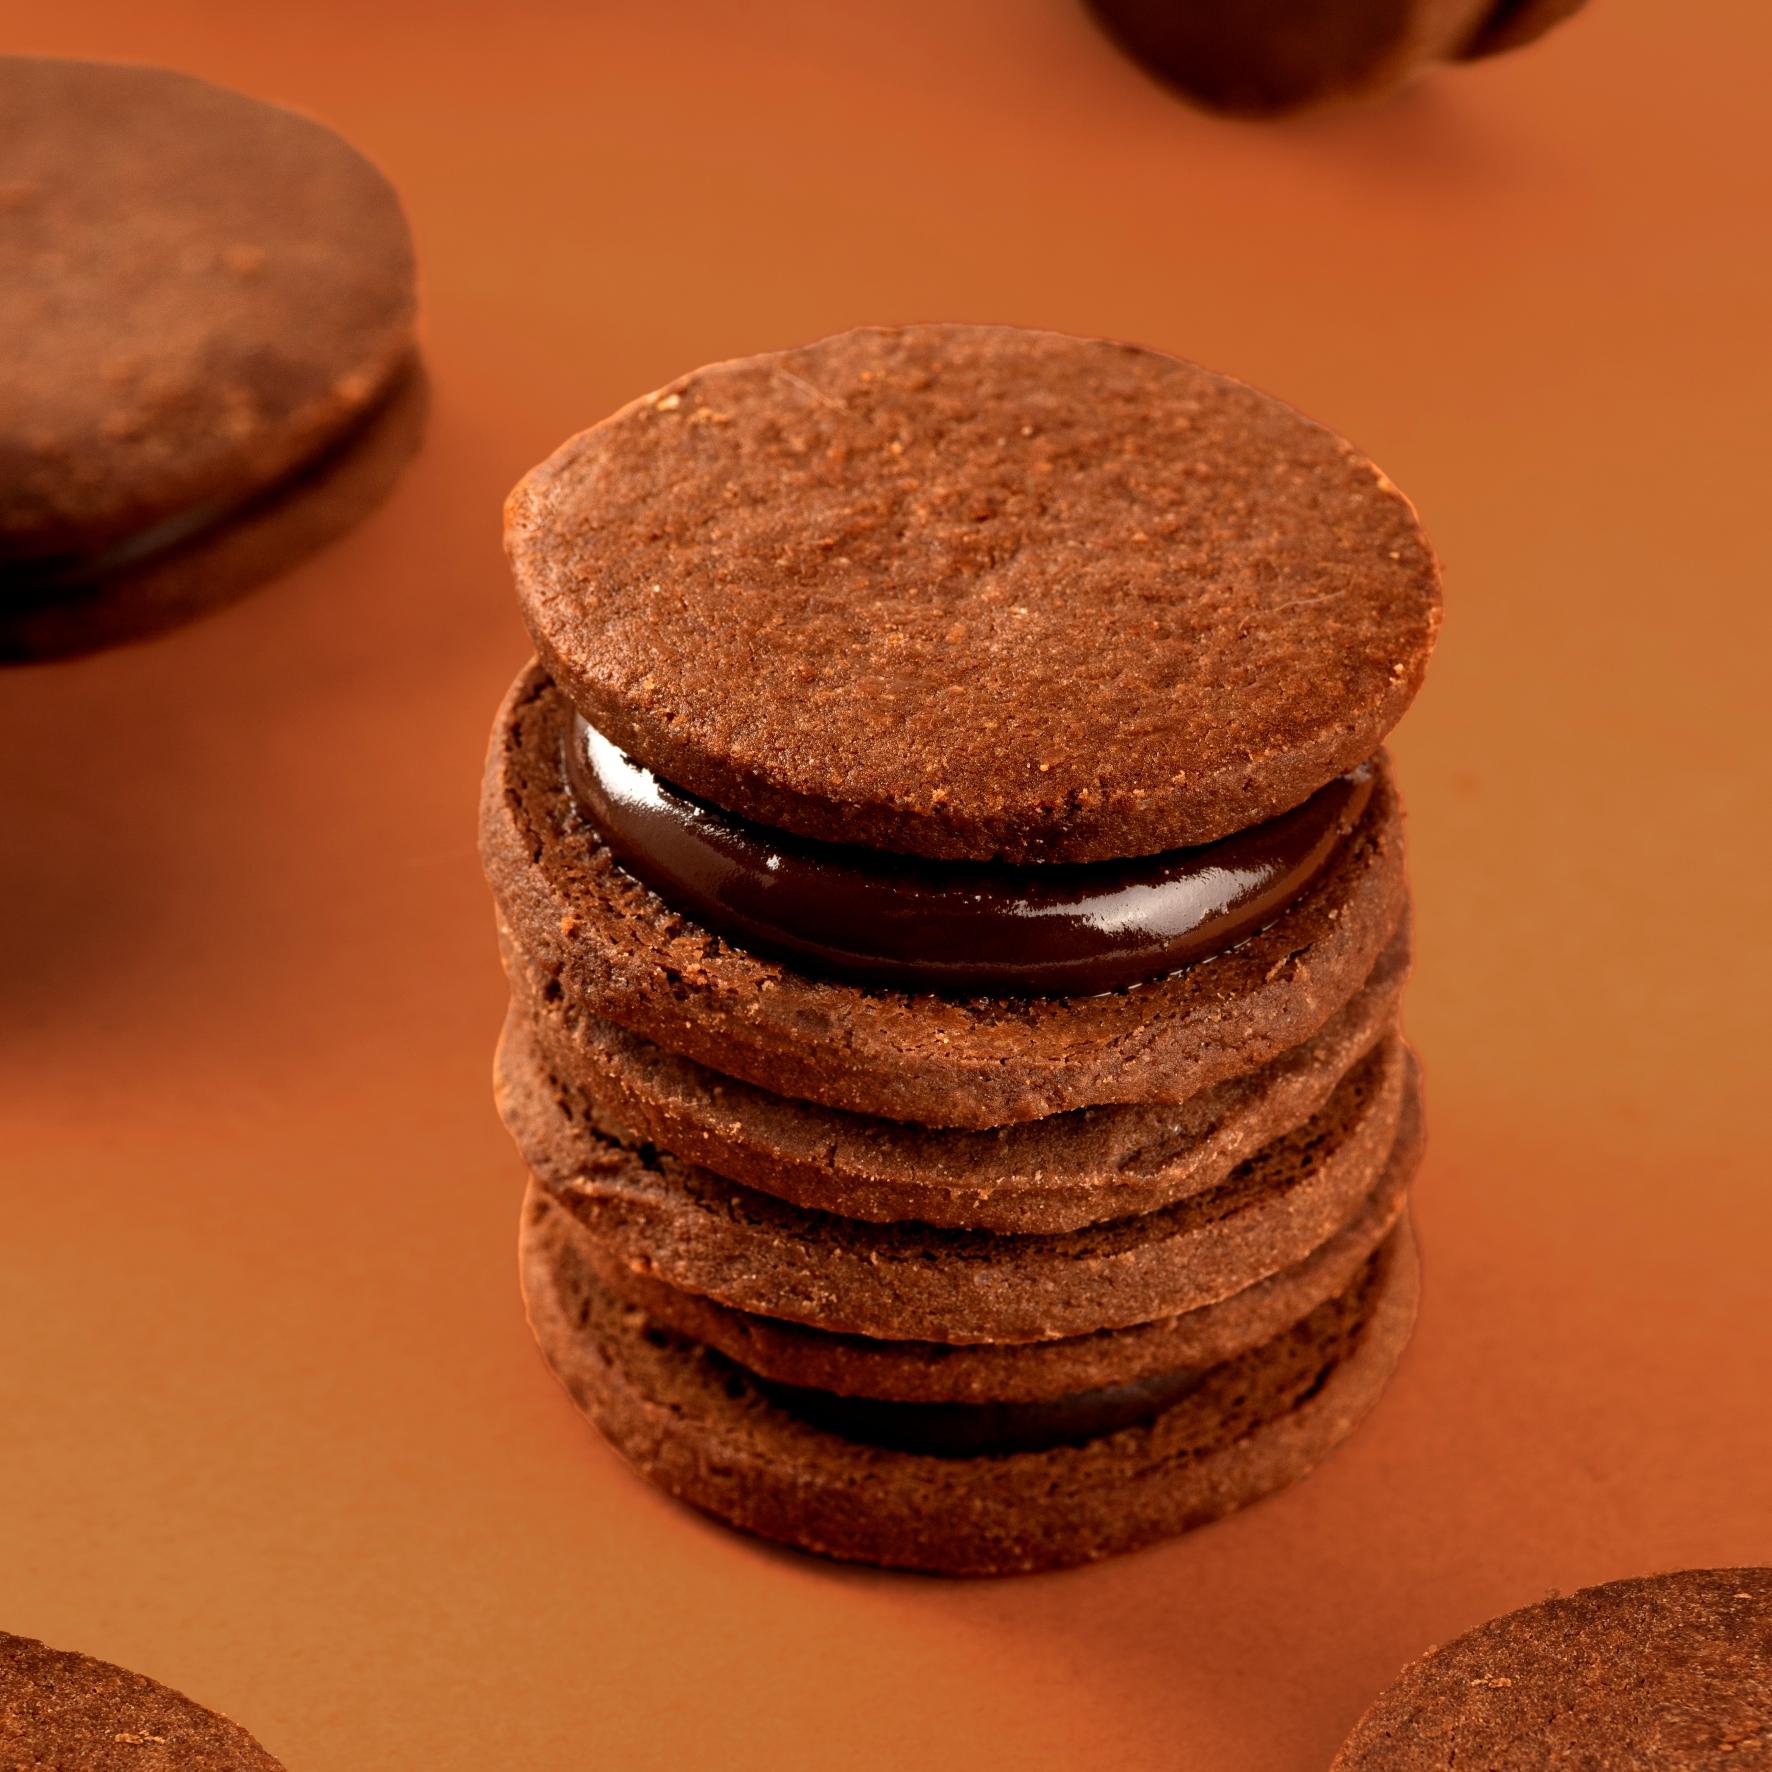 喵叔 巧克力夹心饼干 手工曲奇早餐零食糕点点心甜品网红零食食品